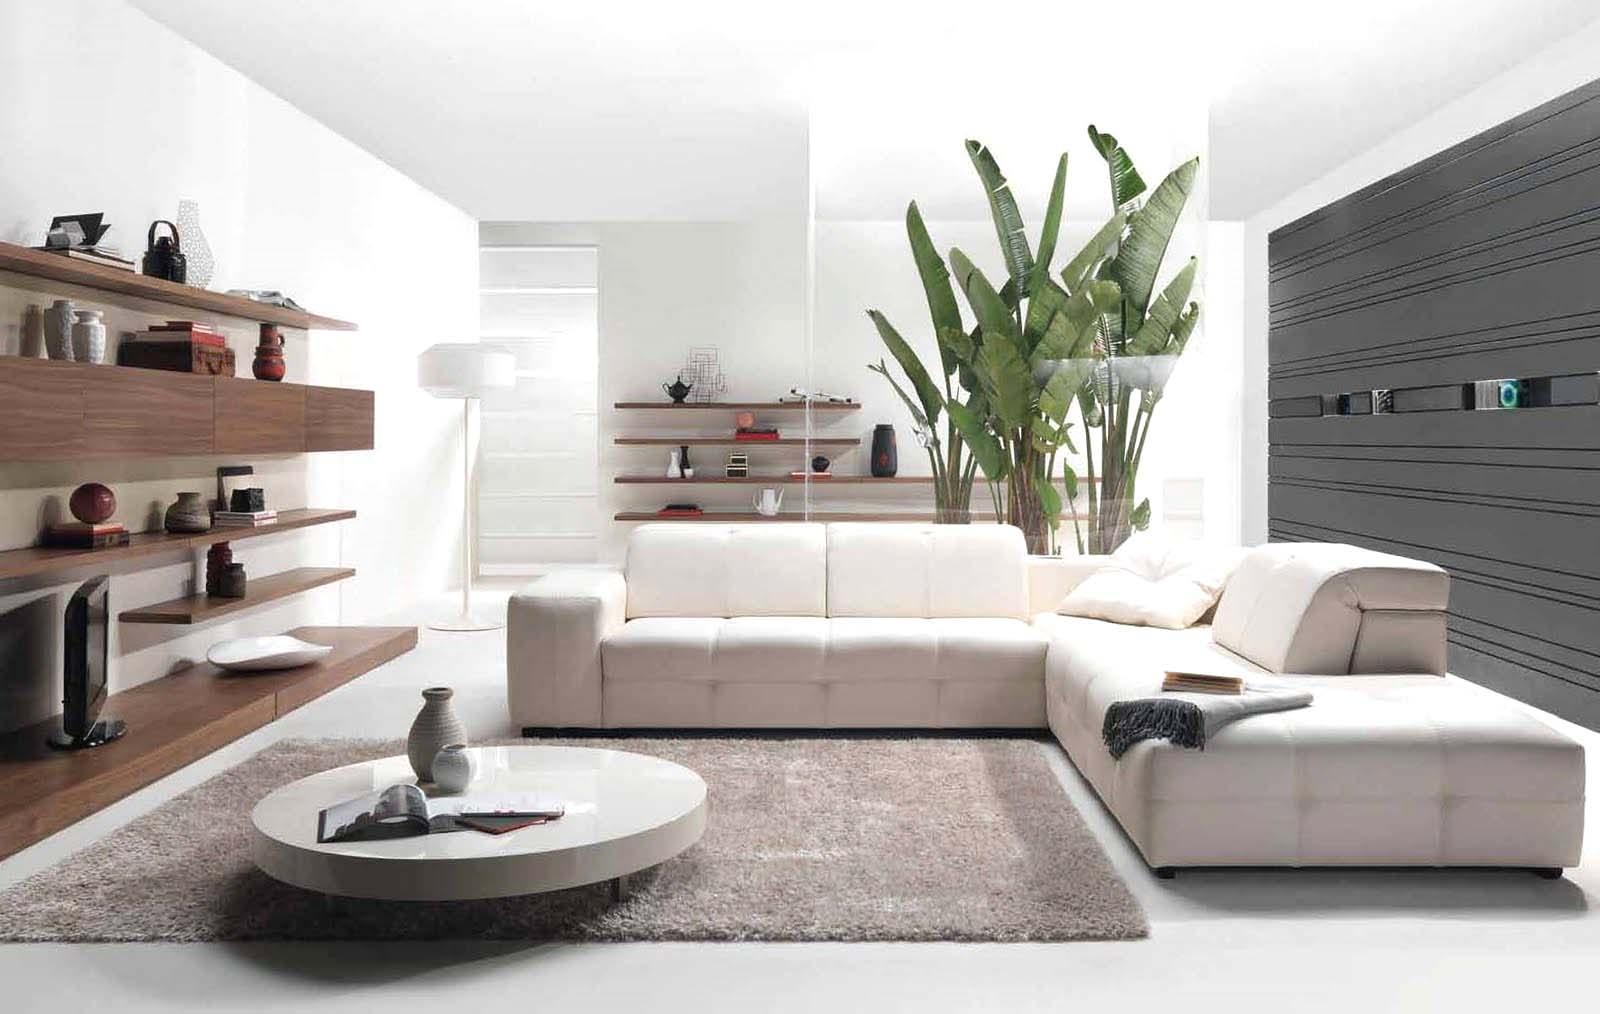 Selain Yang Disebutkan Diatas Hal Lain Perlu Dipertimbangkan Dalam Memilih Furniture Untuk Ruang Tamu Dapat Mempertimbangkan Beberapa Tips